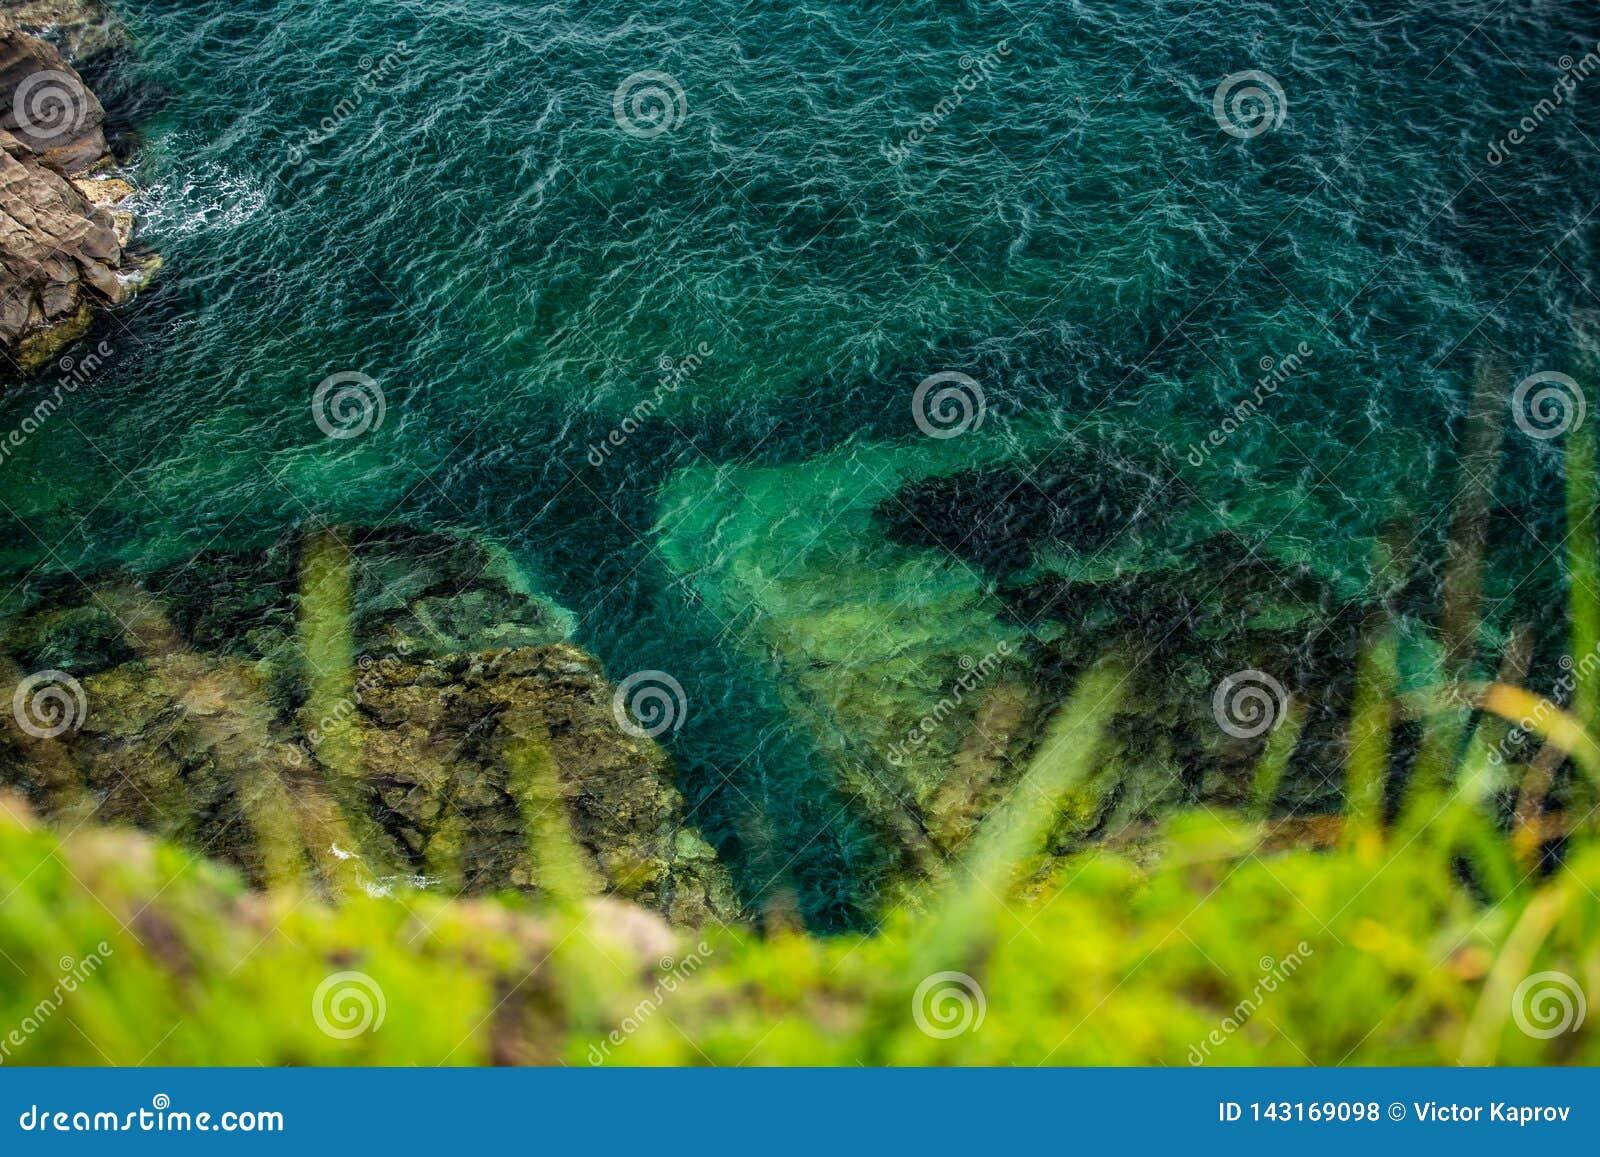 Azurt hav och gräs i förgrunden